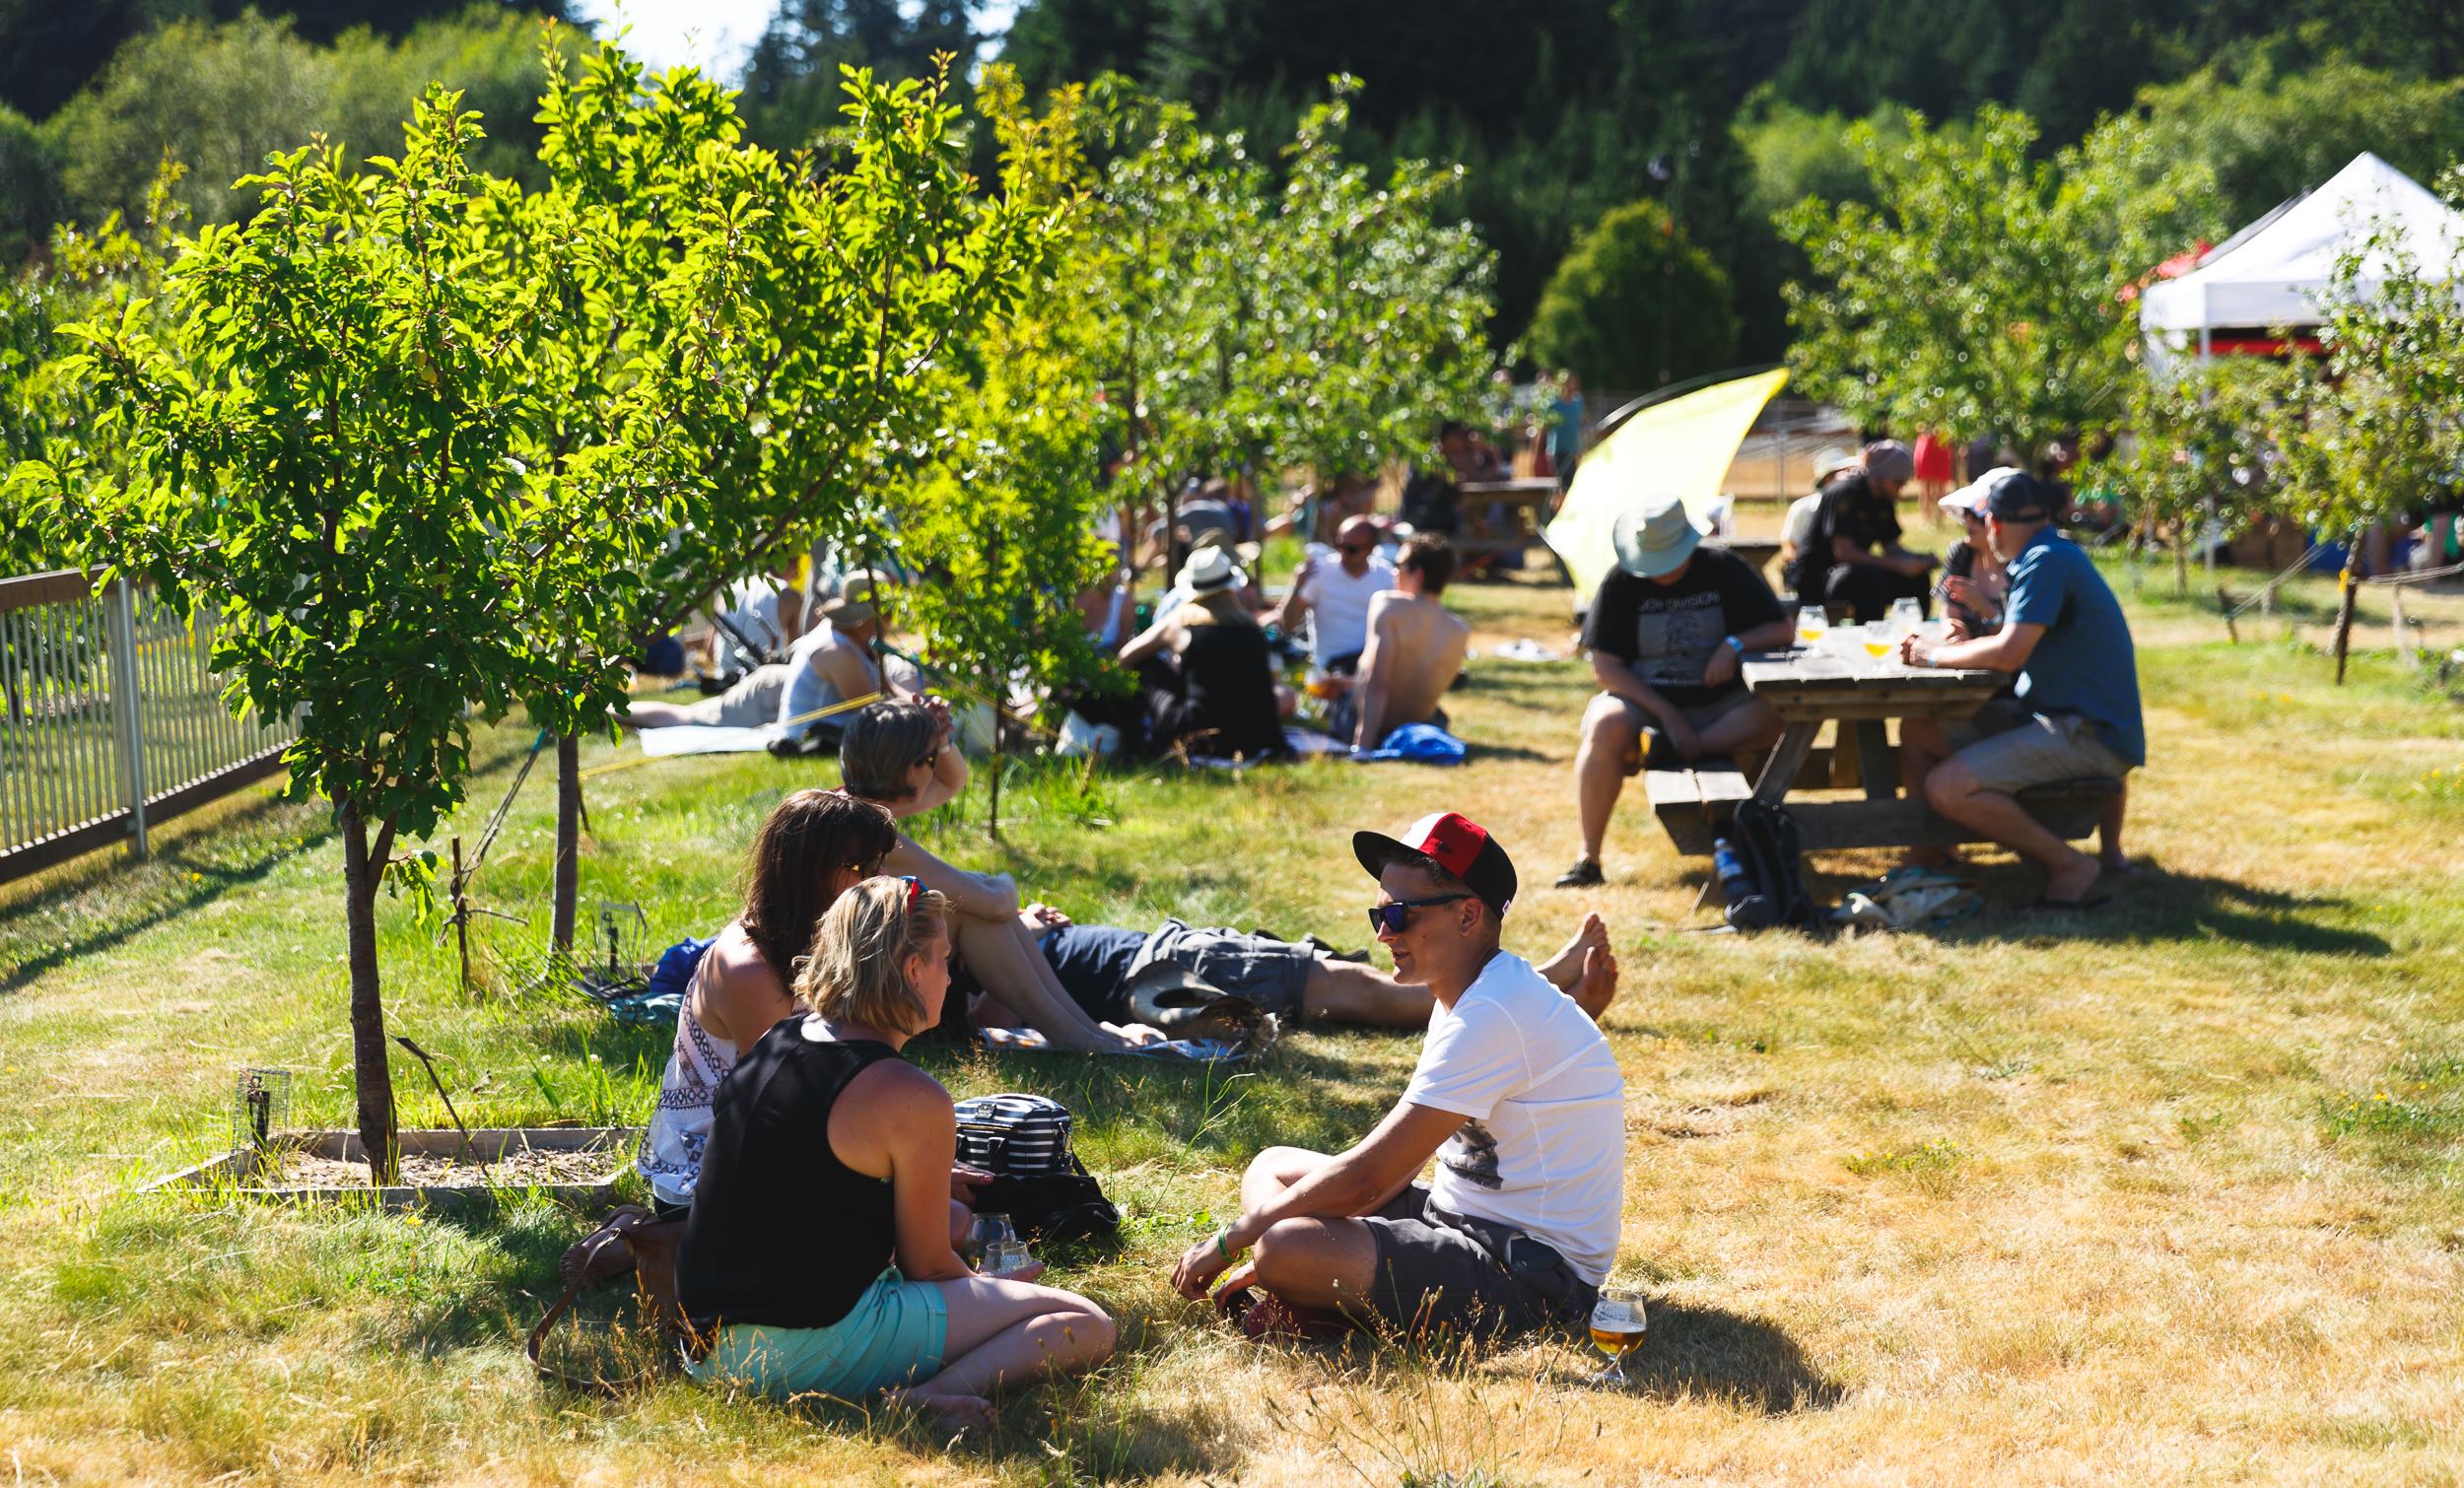 Farmhouse-Fest-Vancouver-image39.jpg